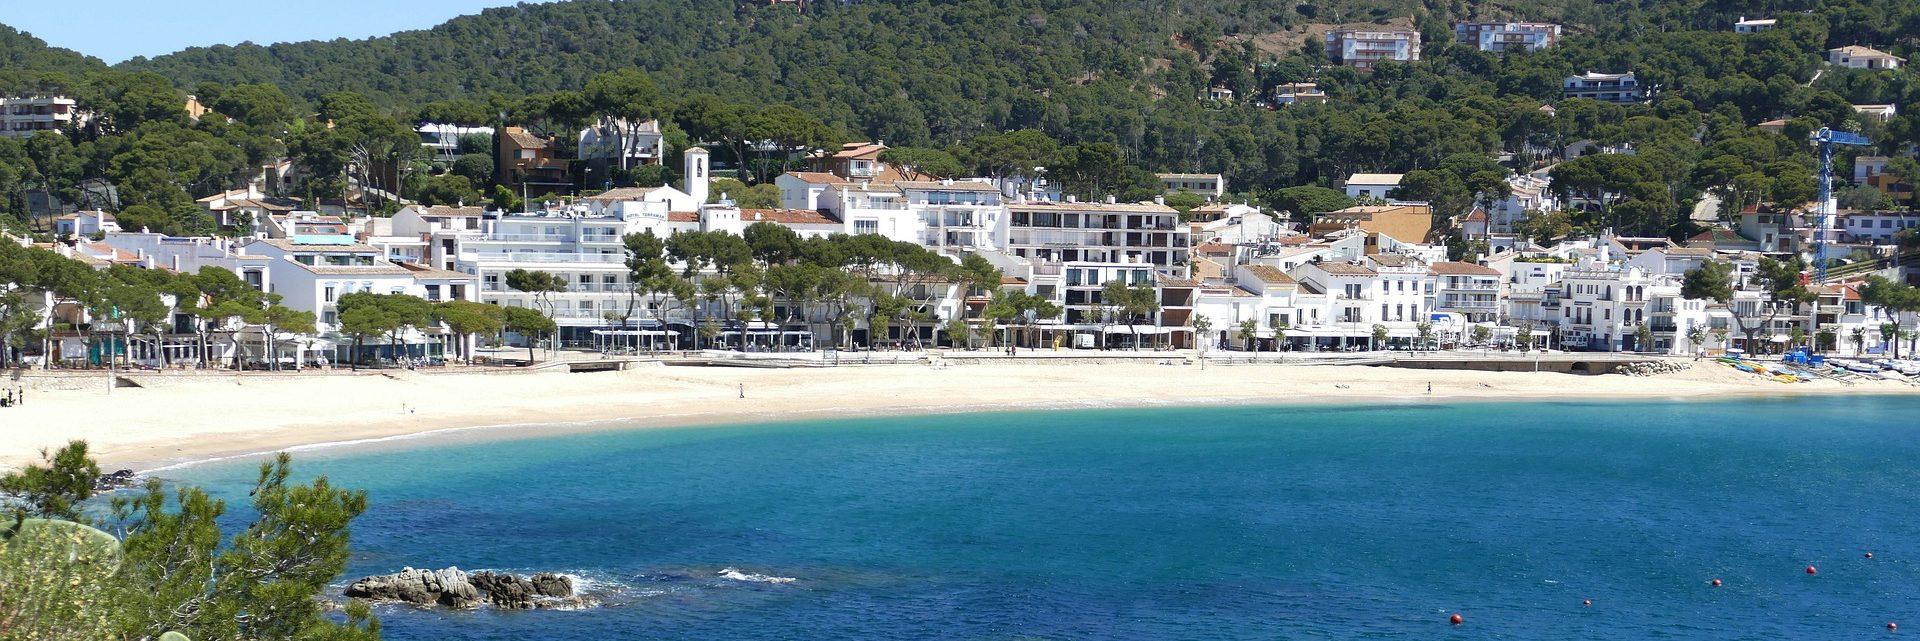 Loving Spain Life